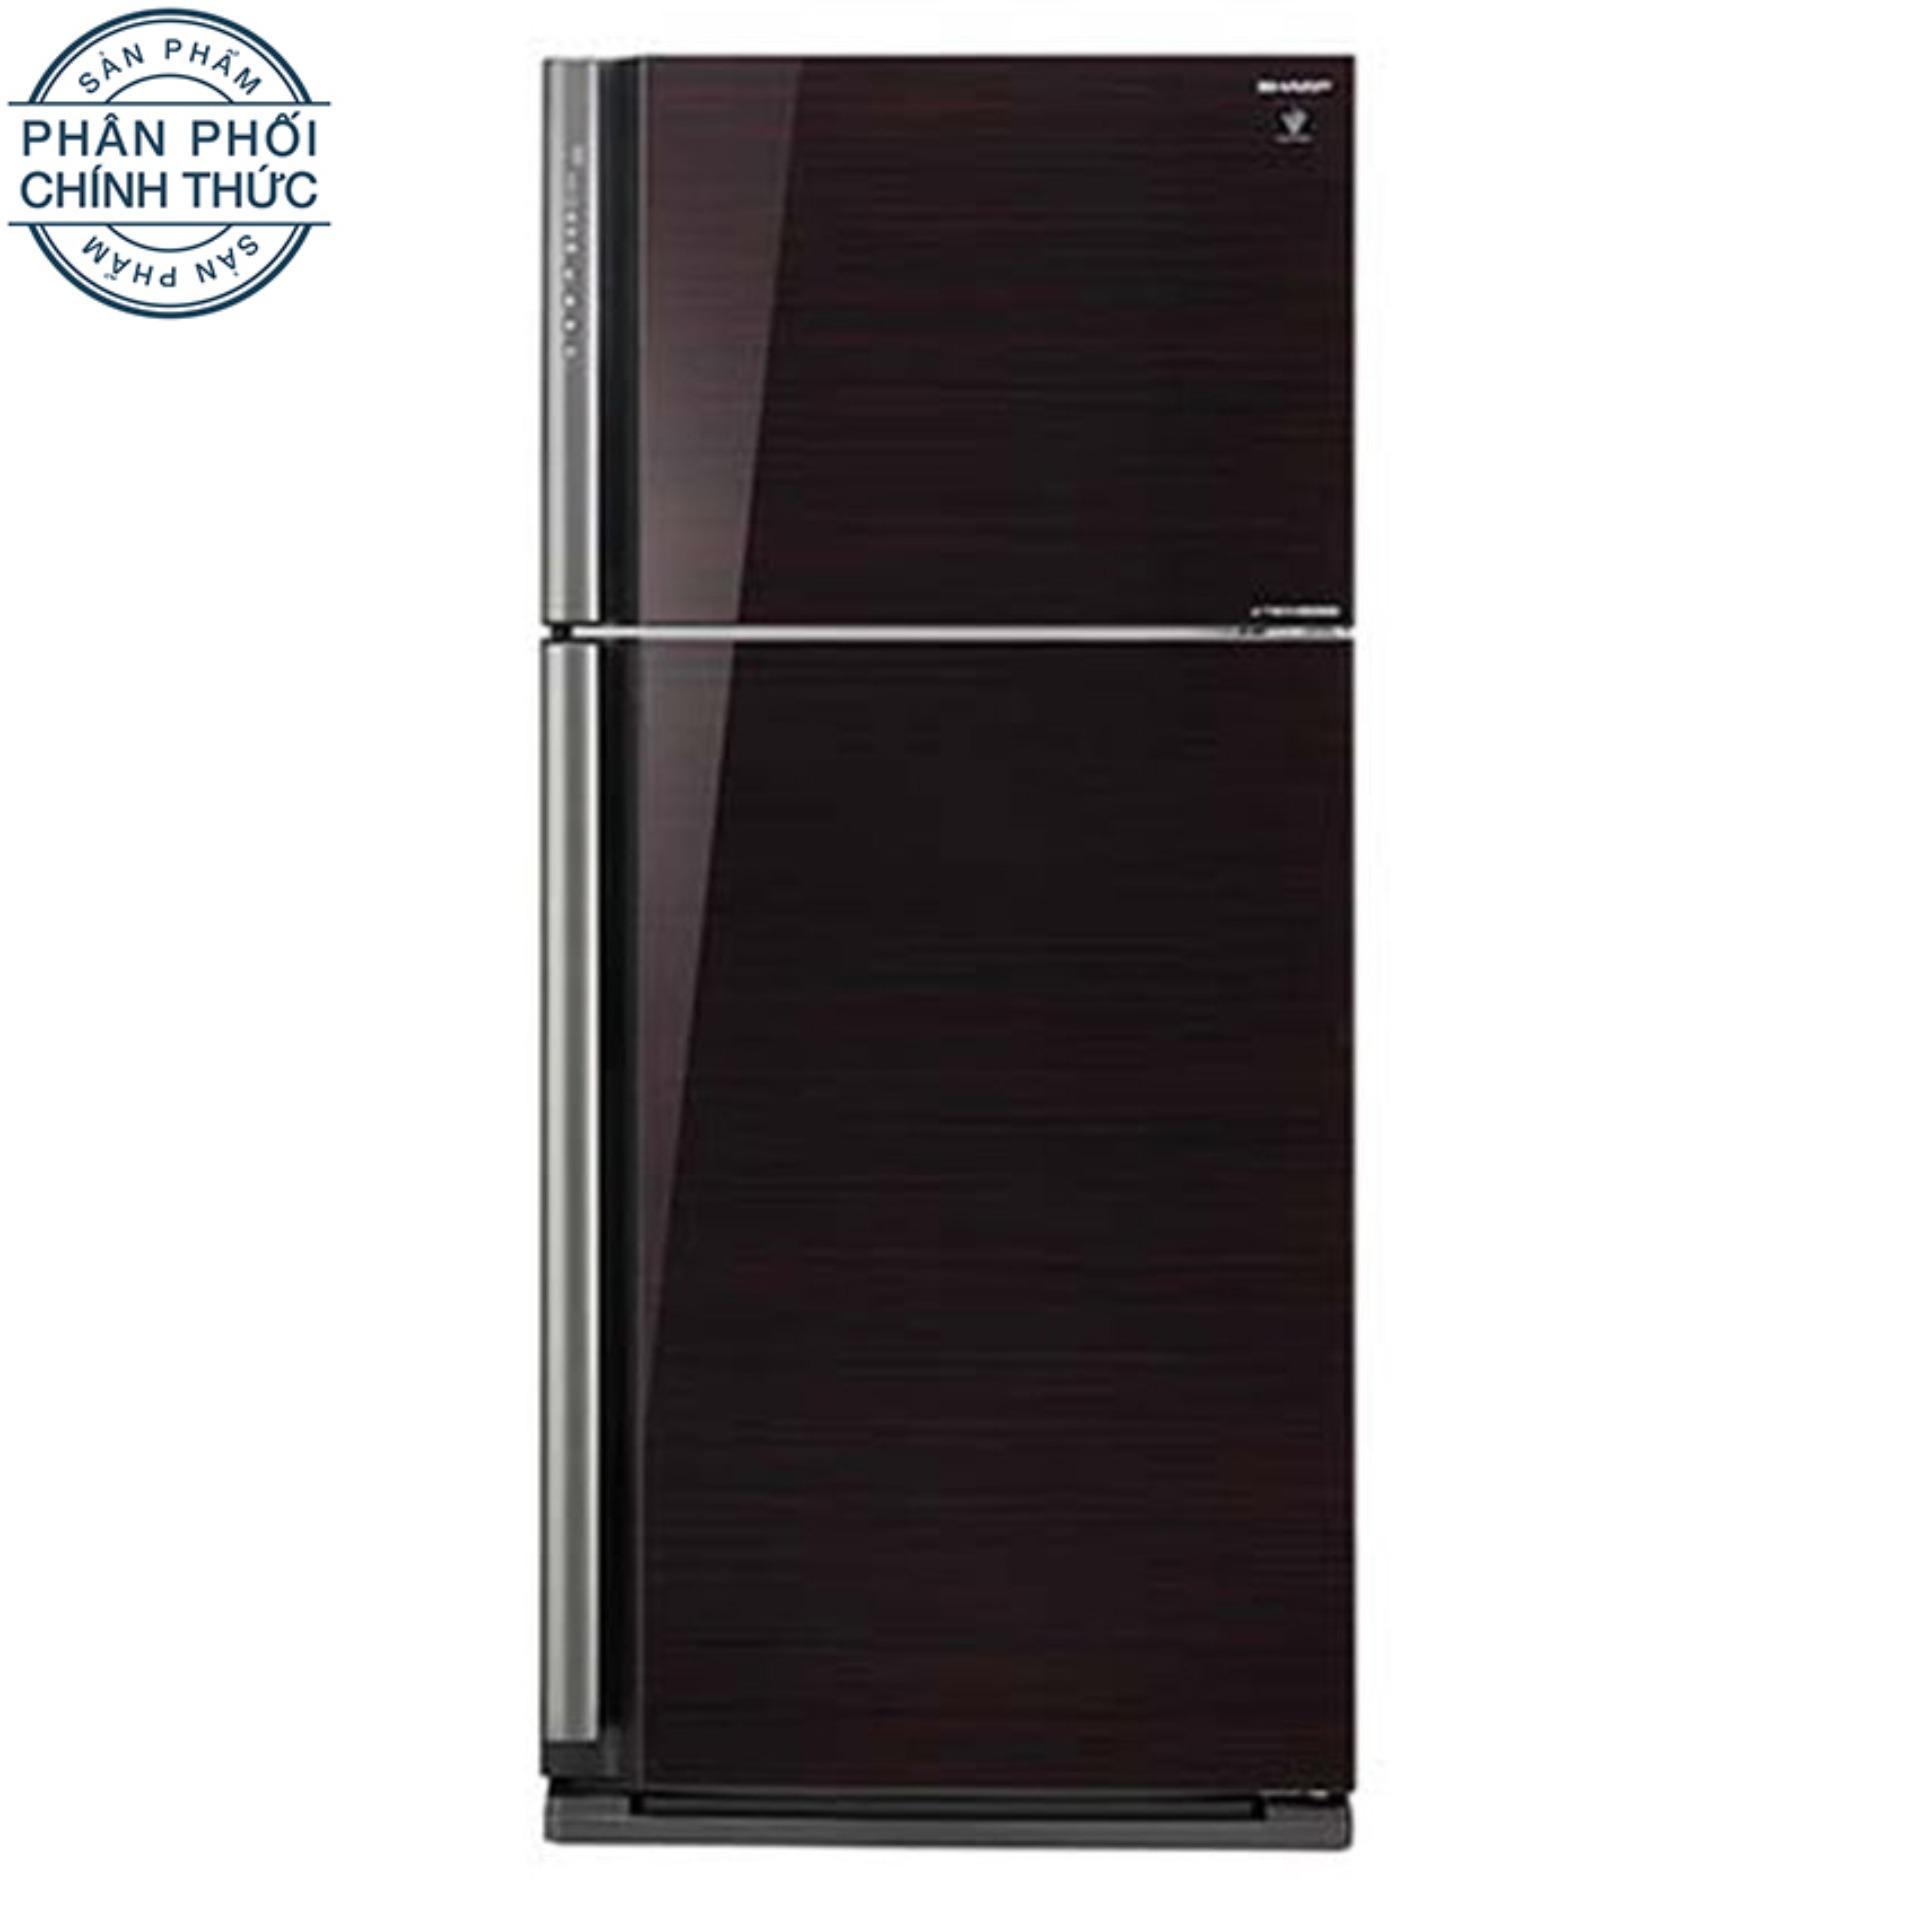 Tủ lạnh Sharp Inverter 627 lít SJ-XP630PG-BK